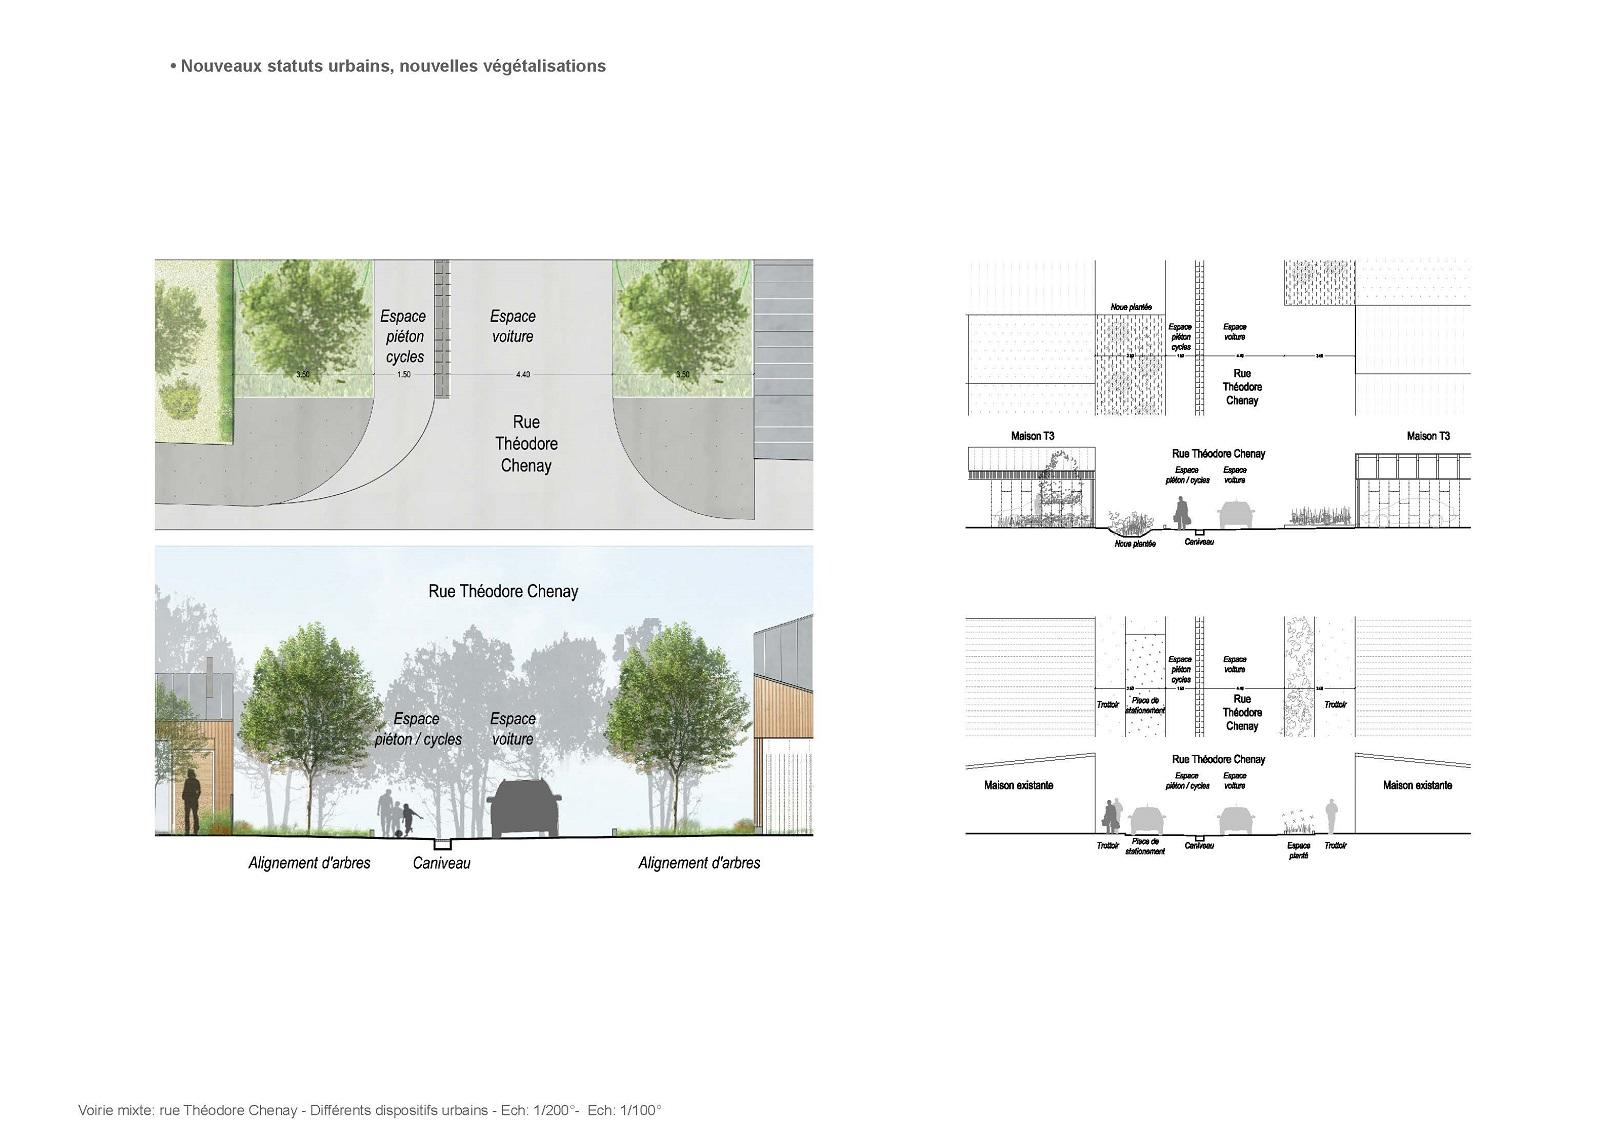 Pages de CITE REFUGES - SCHEMA DIRECTEUR INDICE 1 - 14012013